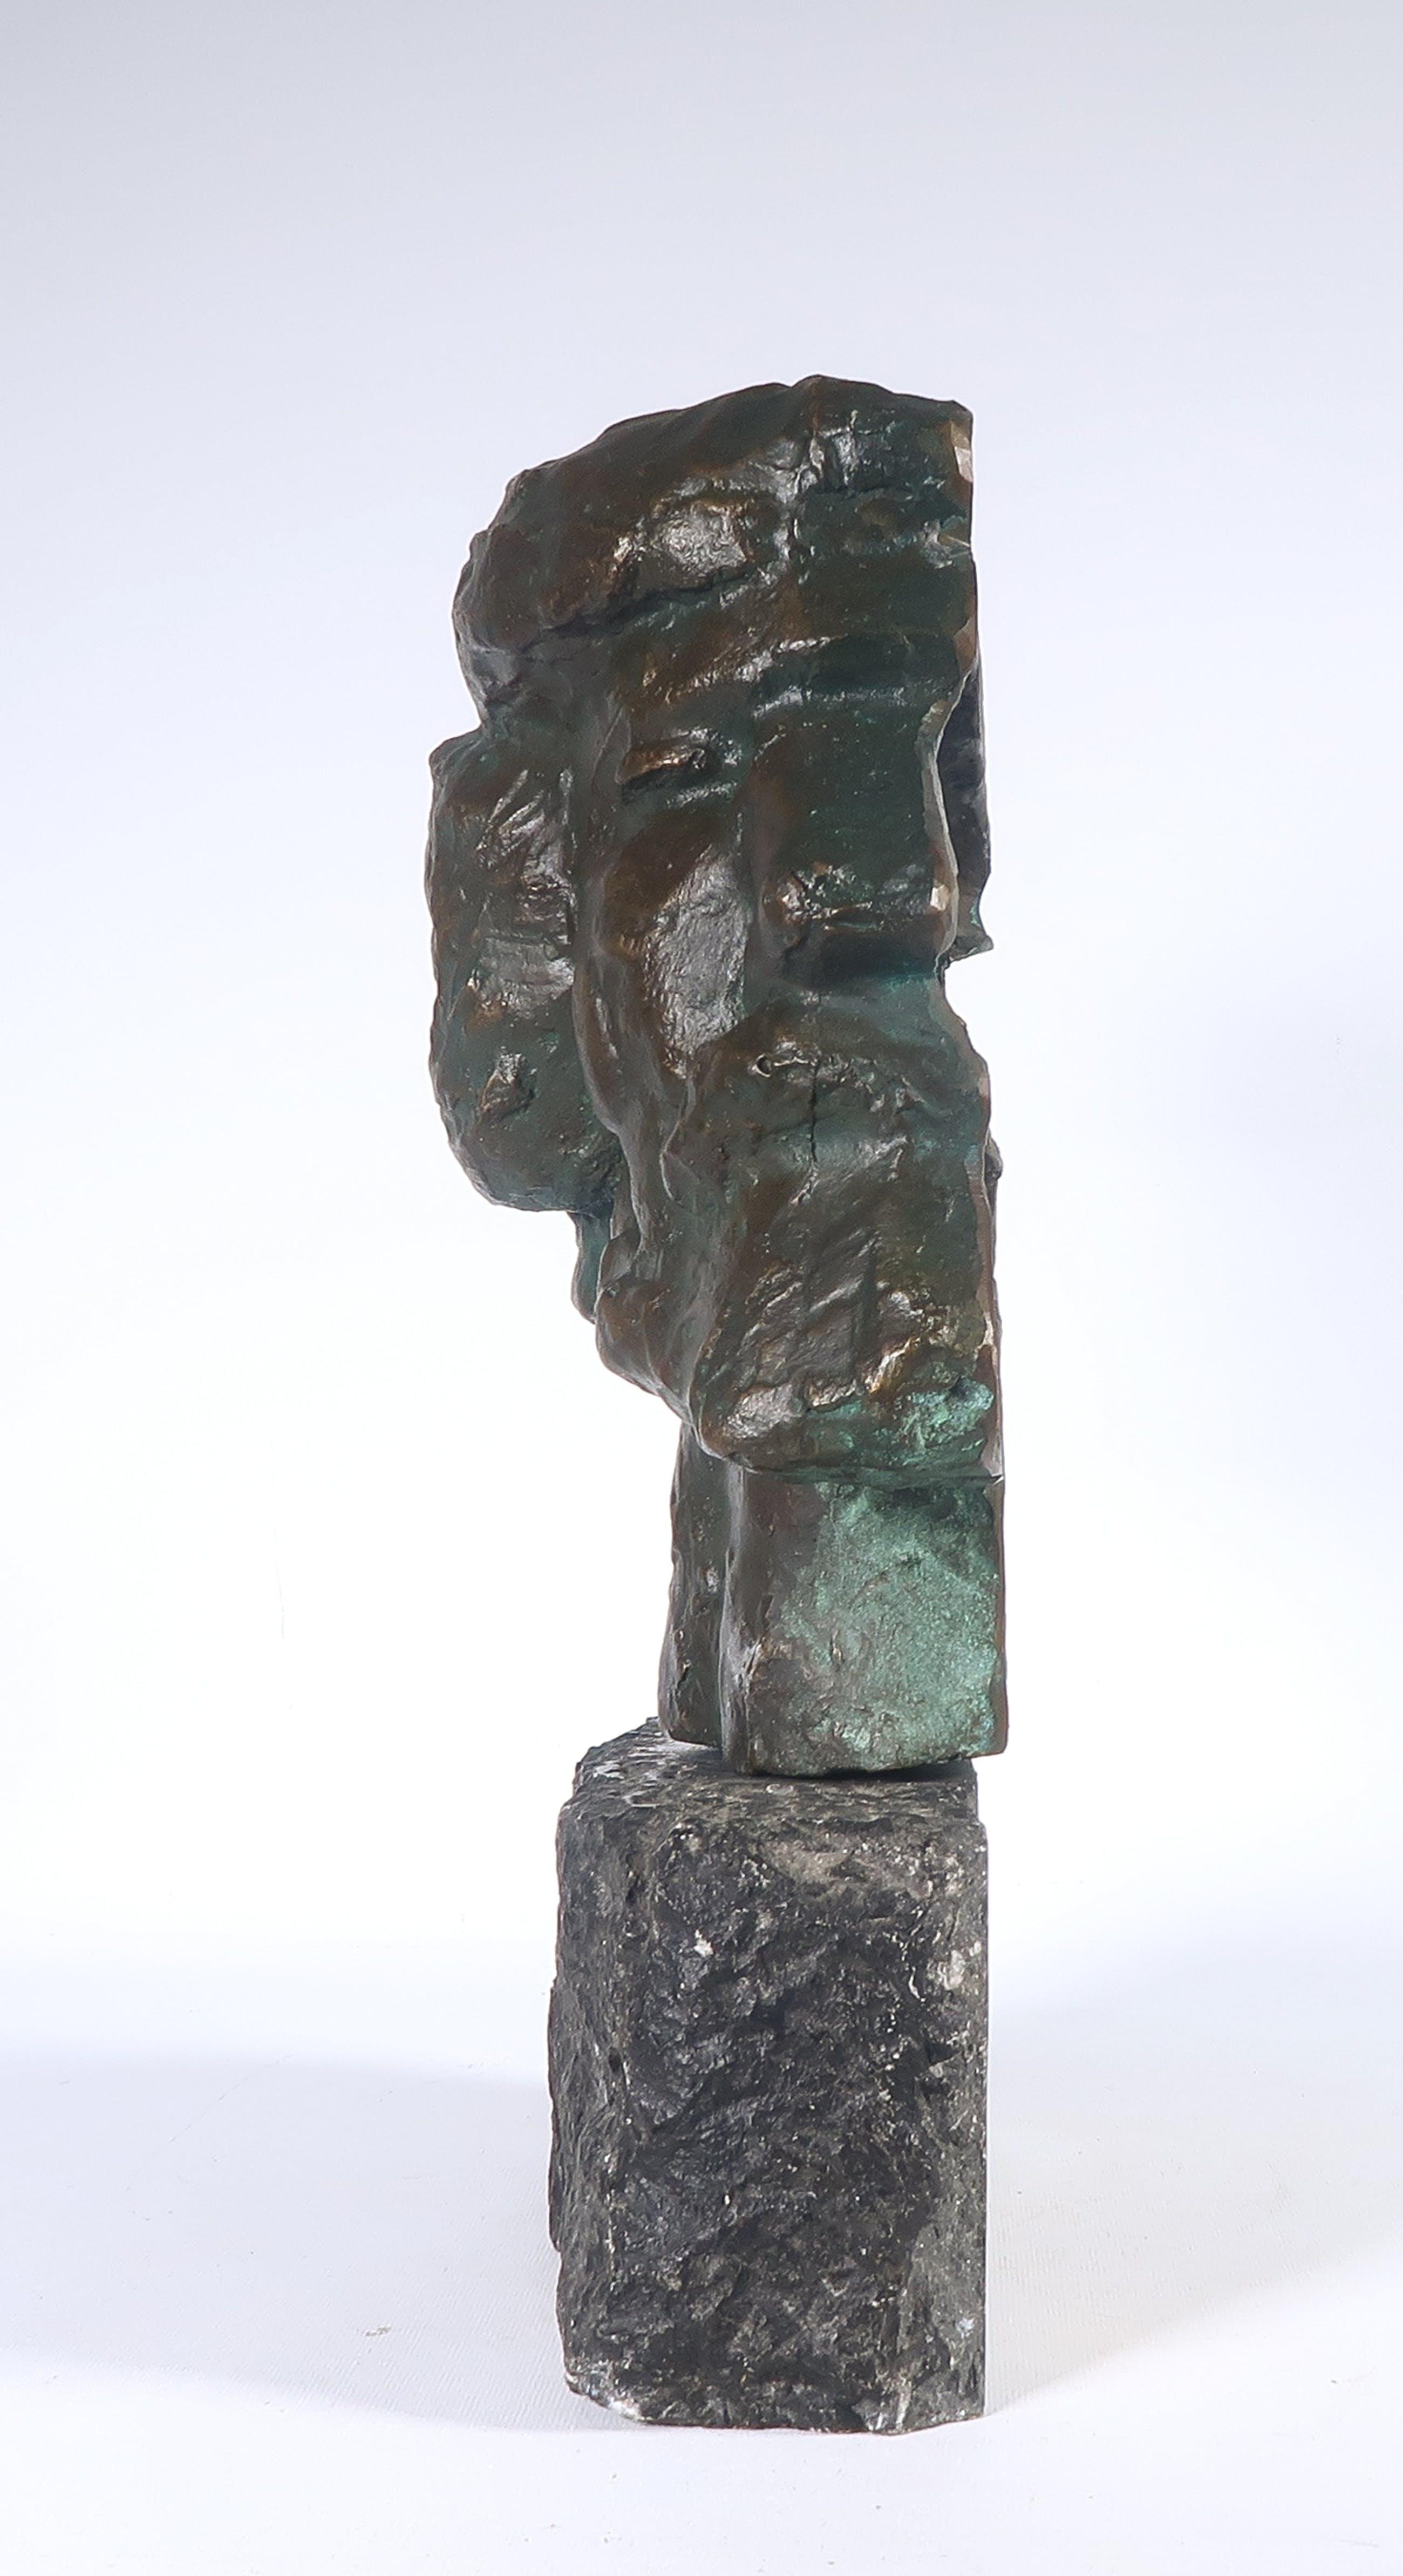 Janny Brugman-de Vries - Bronzen beeld, Prometheus kopen? Bied vanaf 1!